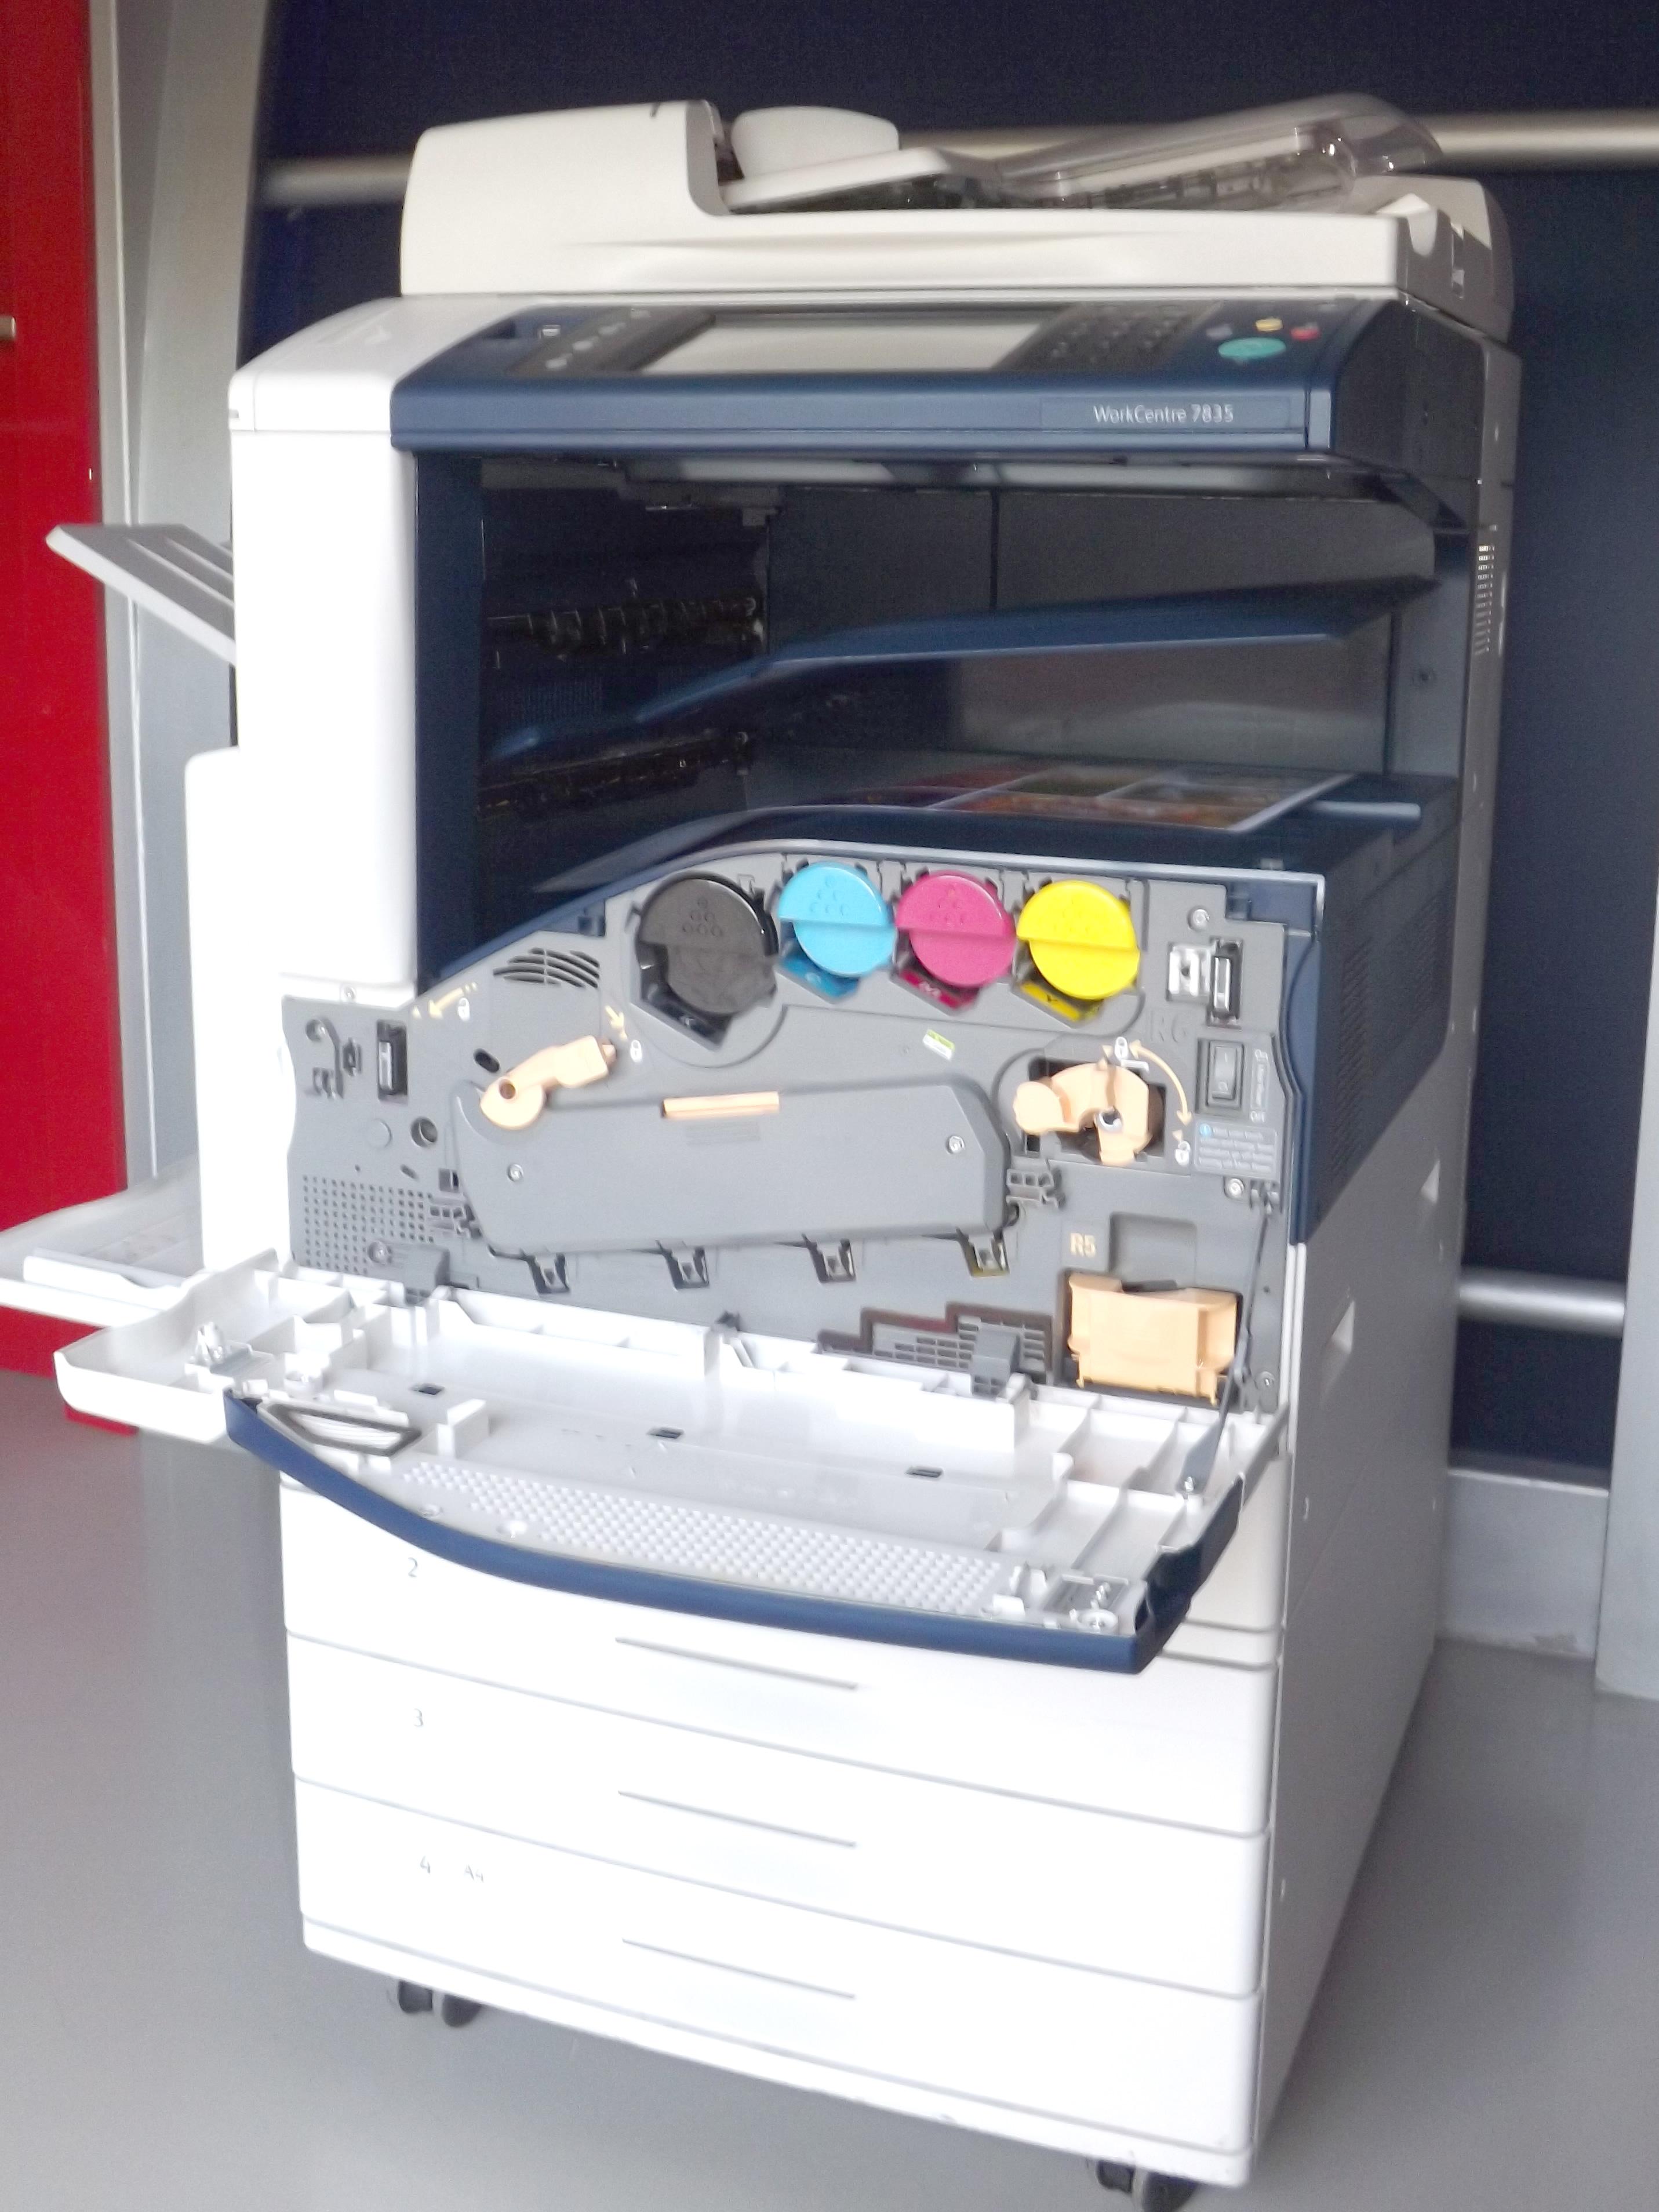 Xerox WorkCentre 7835 - Usato garantito Xerox - Interno